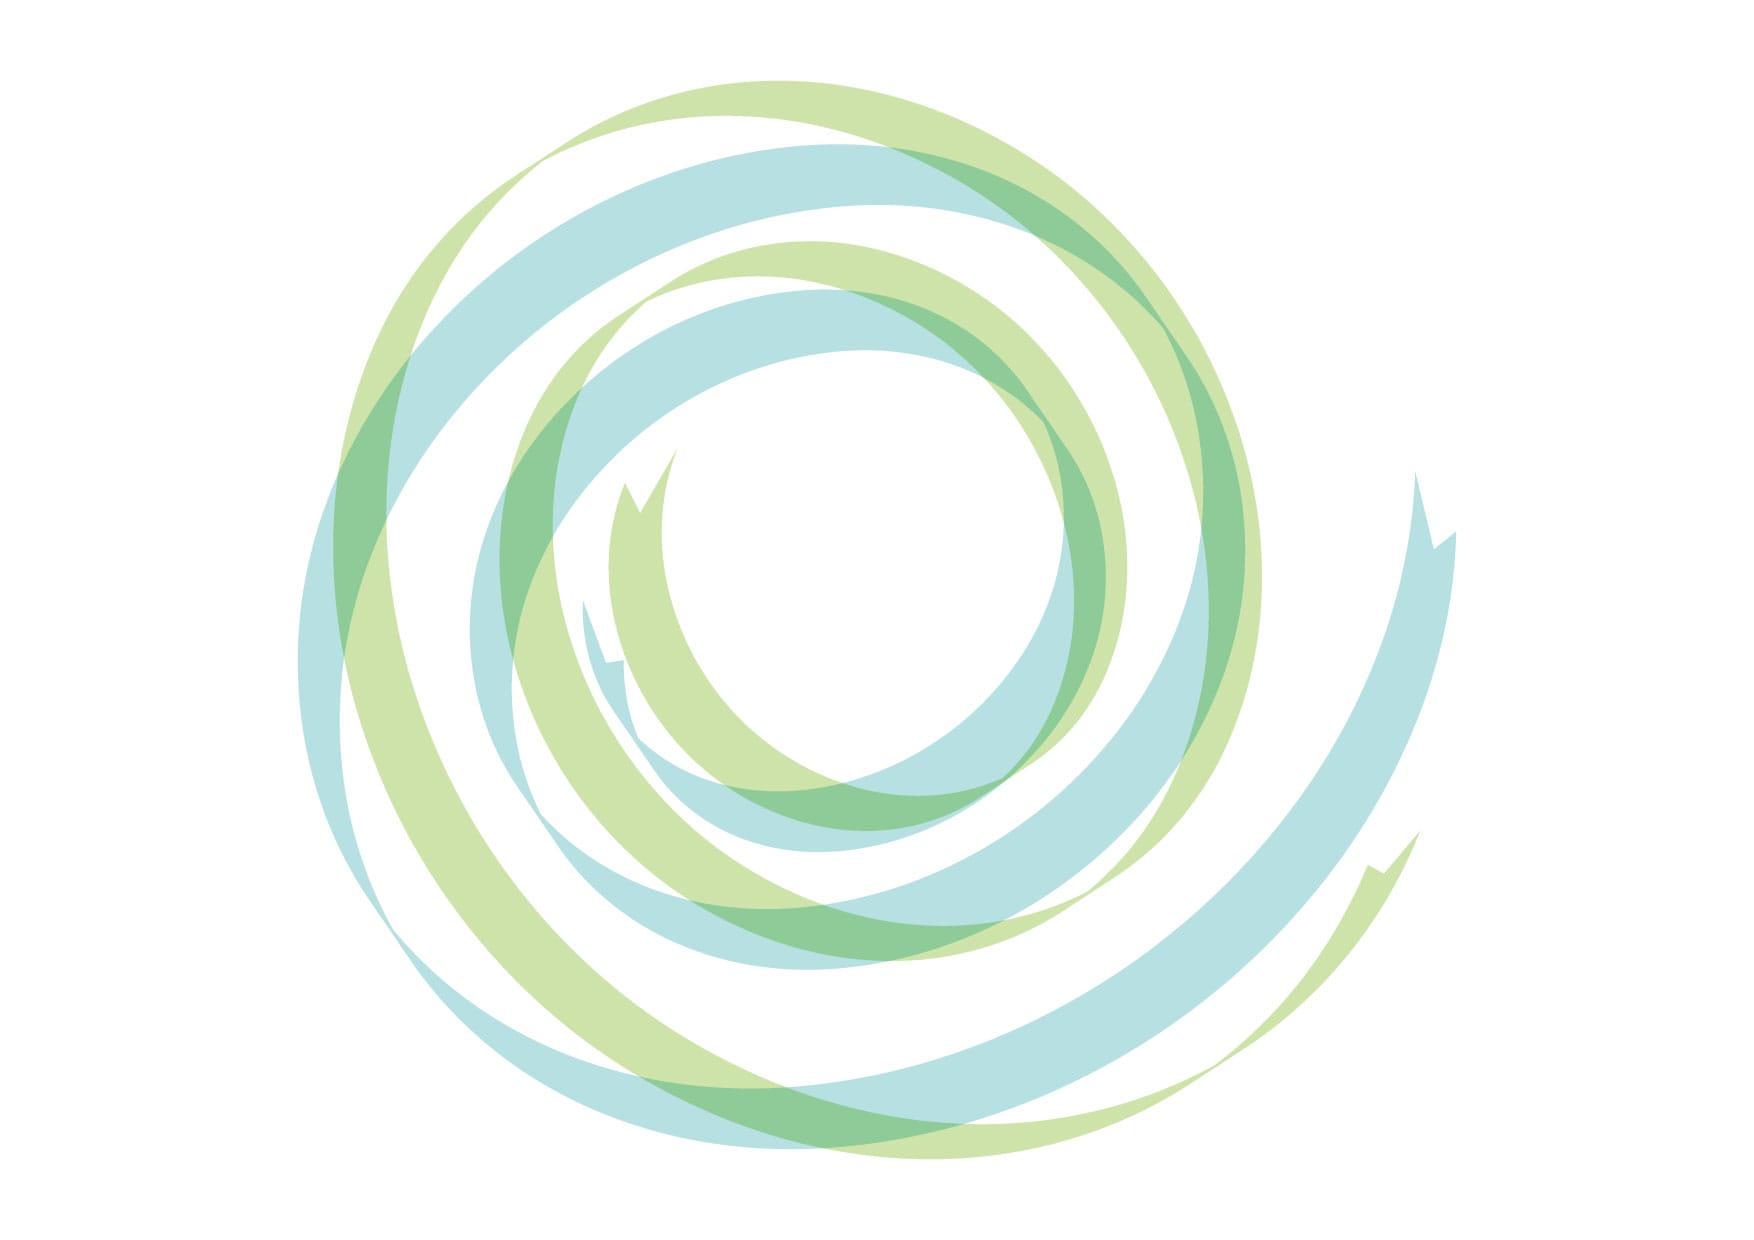 可愛いイラスト無料|リボン 背景 カール 青色 緑色 − free illustration  Ribbon background curl blue green